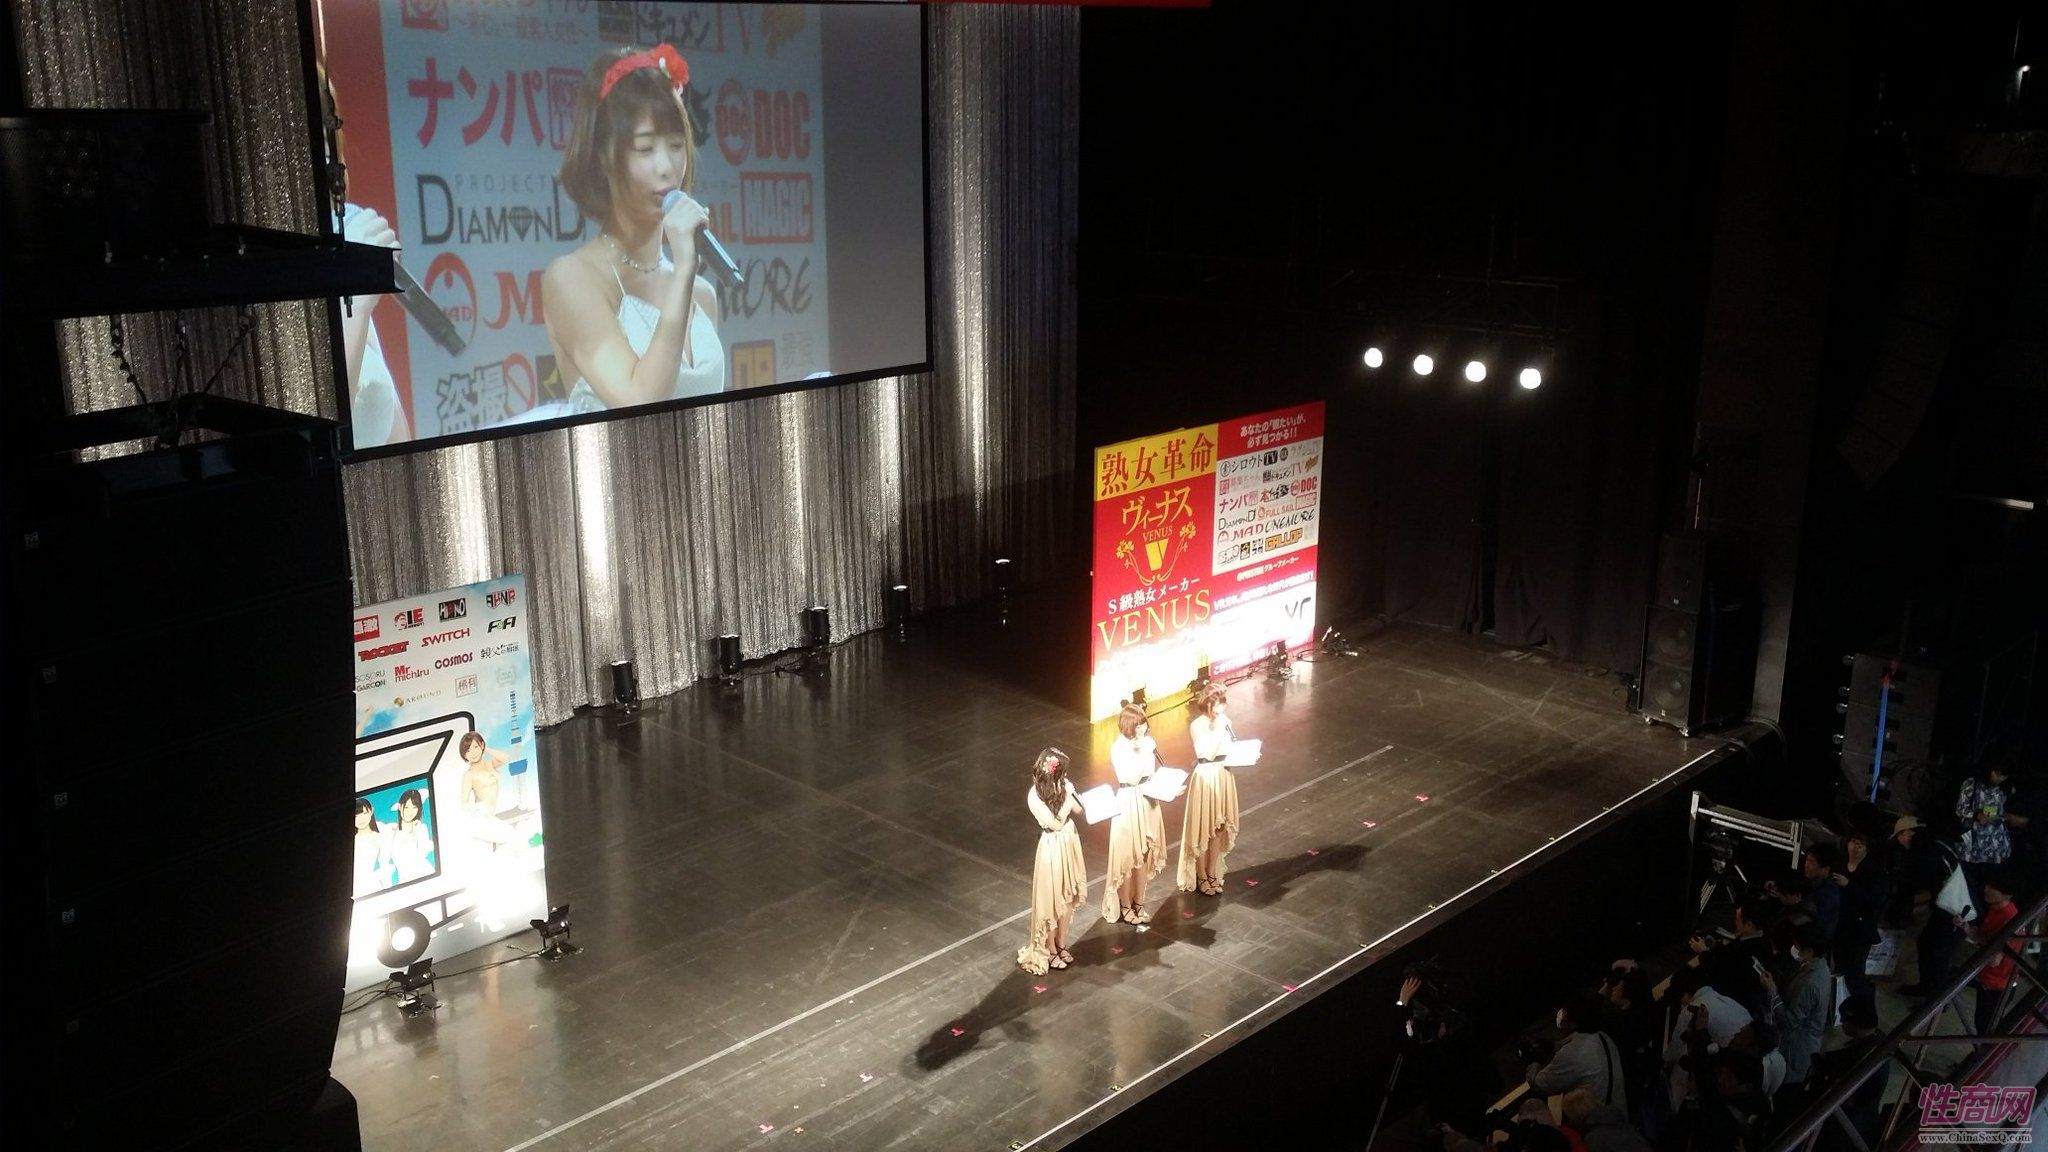 2016日本成人展JapanAdultExpo颁奖典礼2图片20